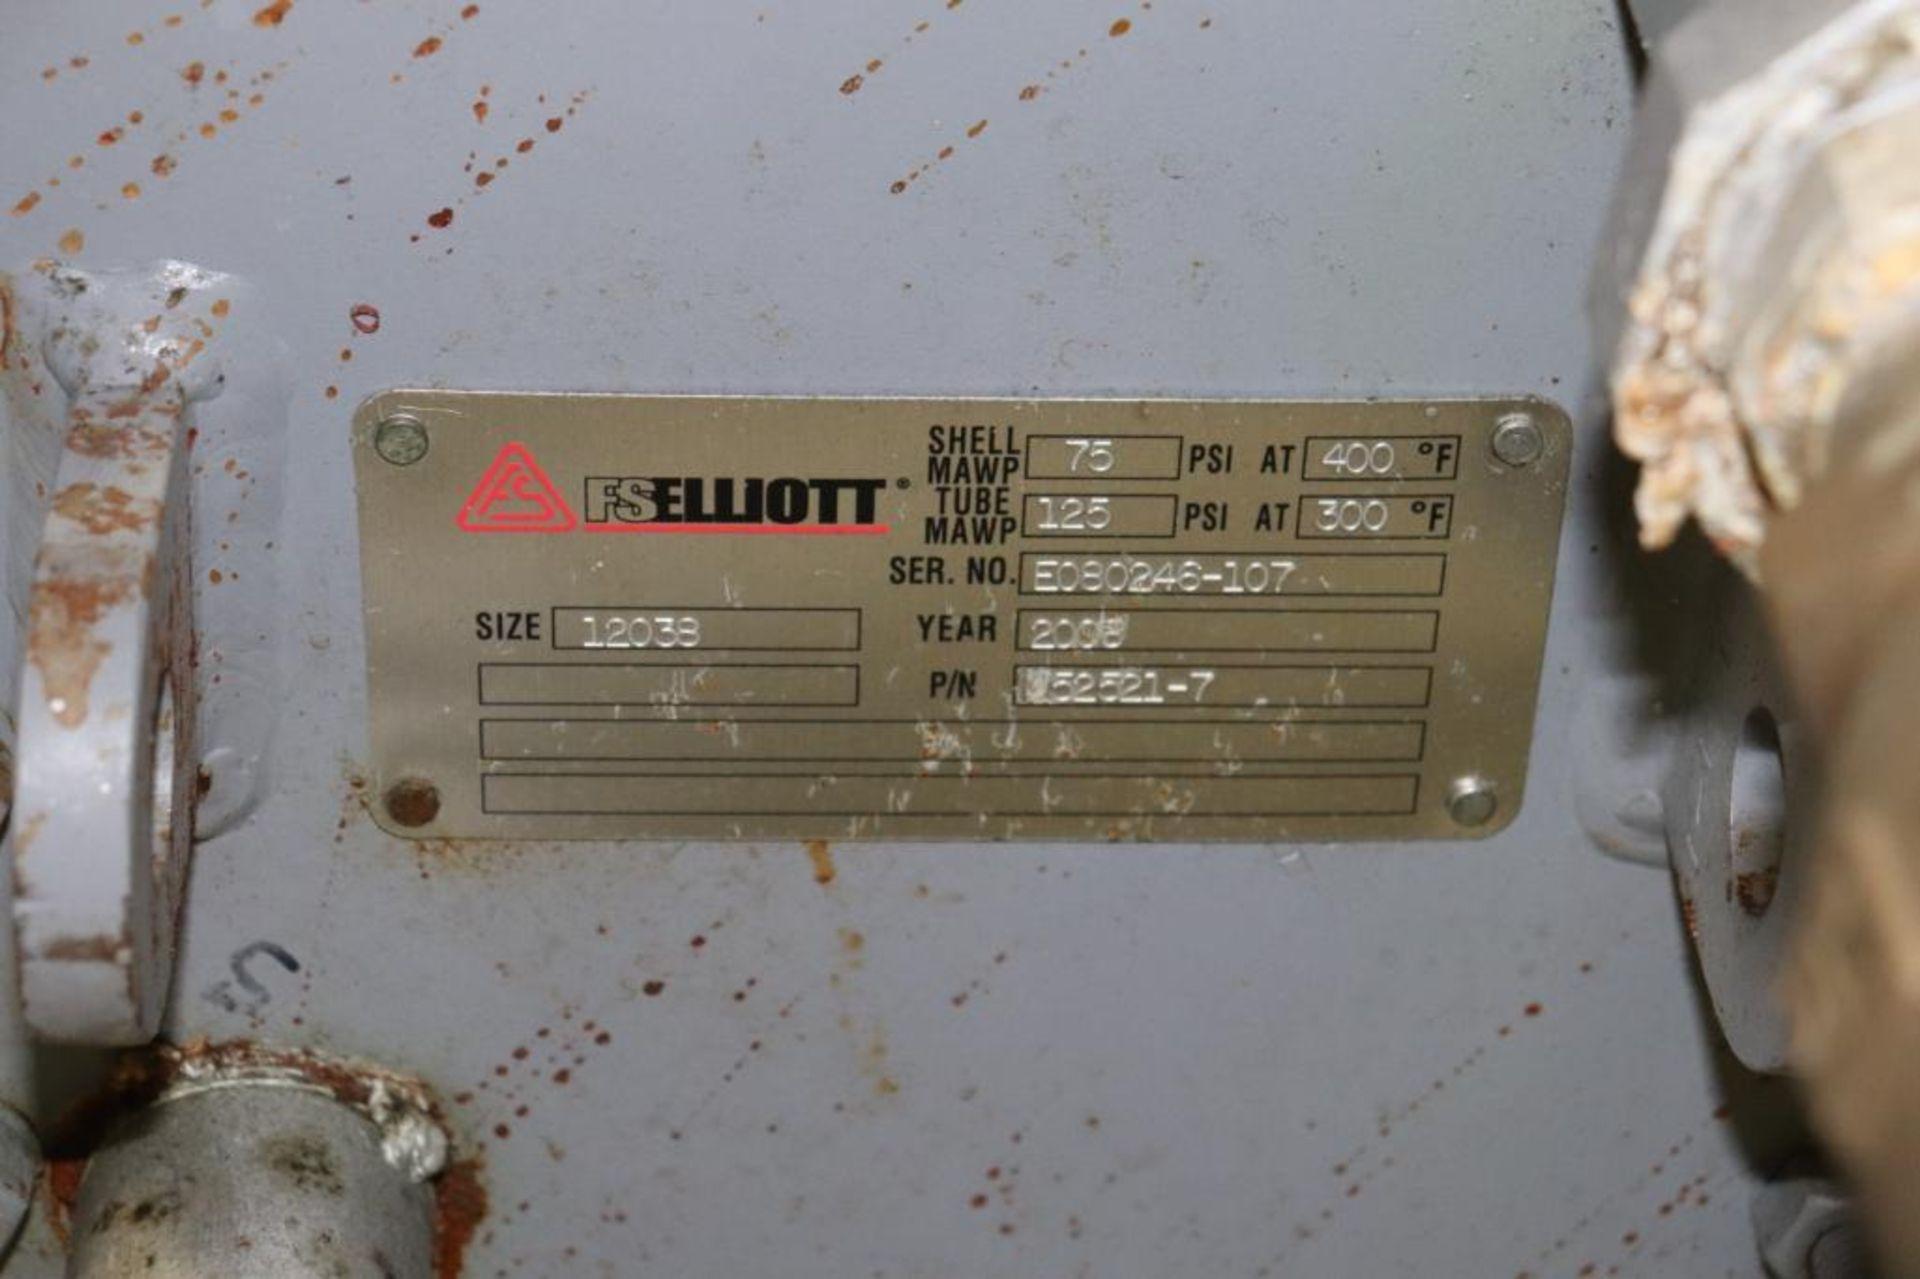 Elliot 180AD 1800 CFM compressor w/ dryer - Image 10 of 19